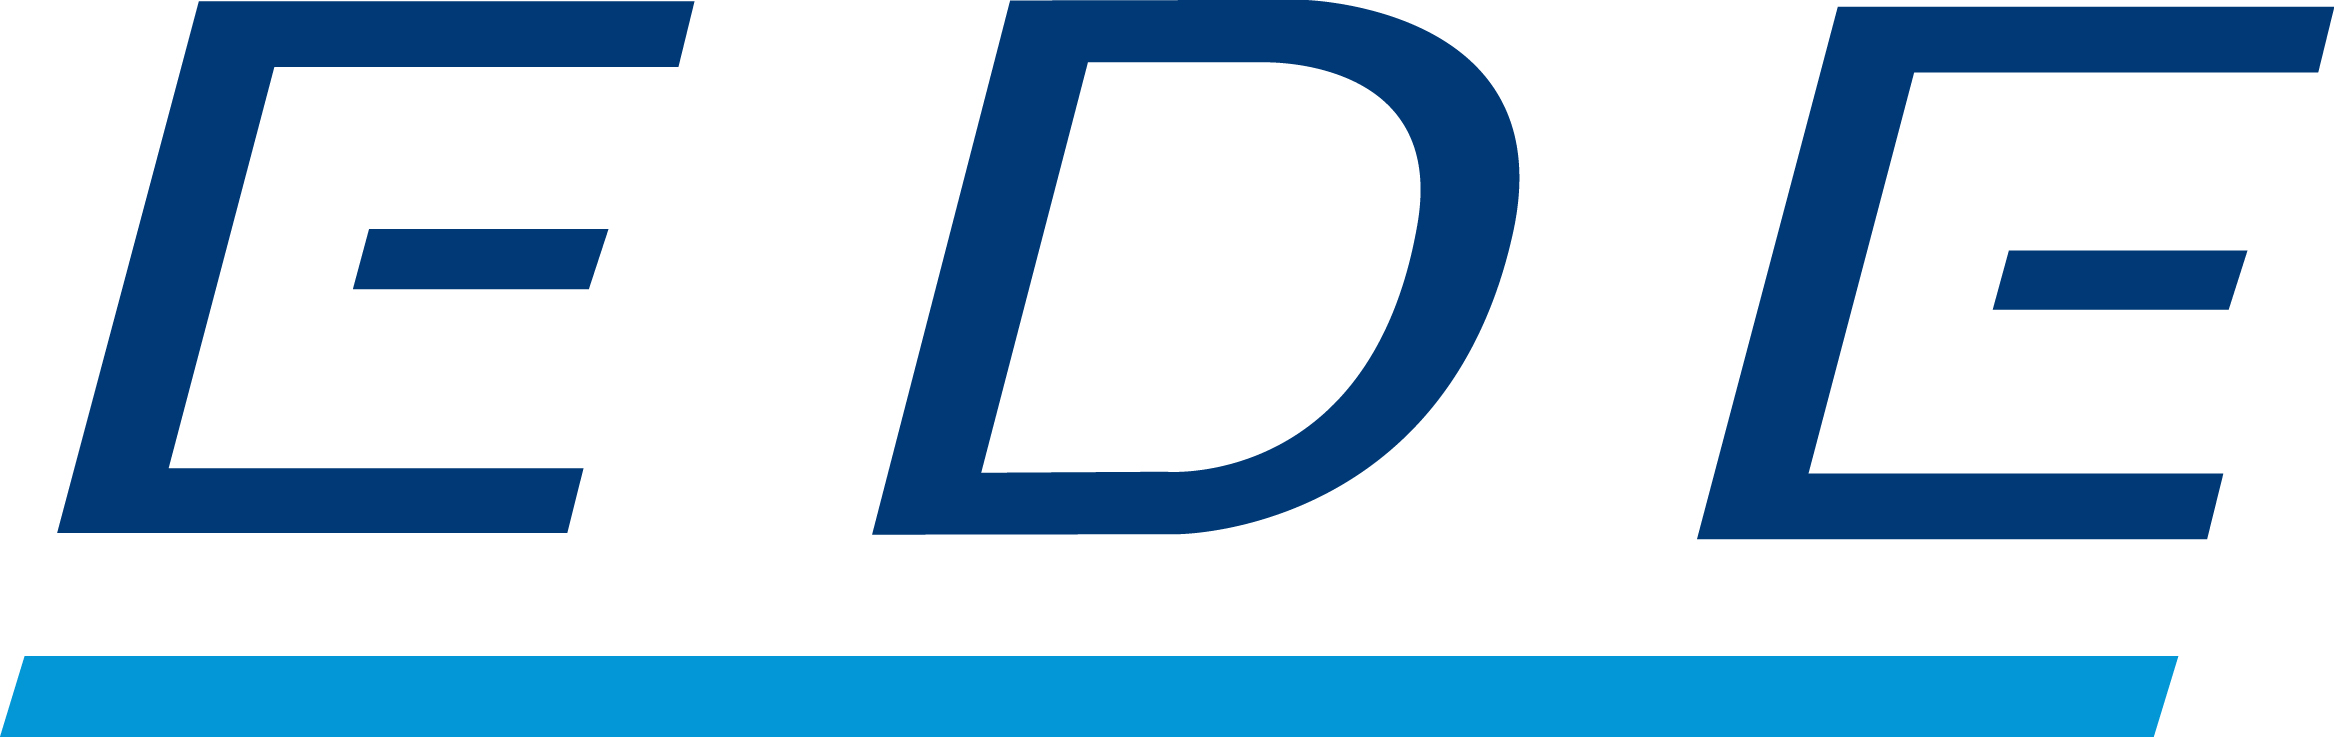 ecn_072013_mdw_ede_logo